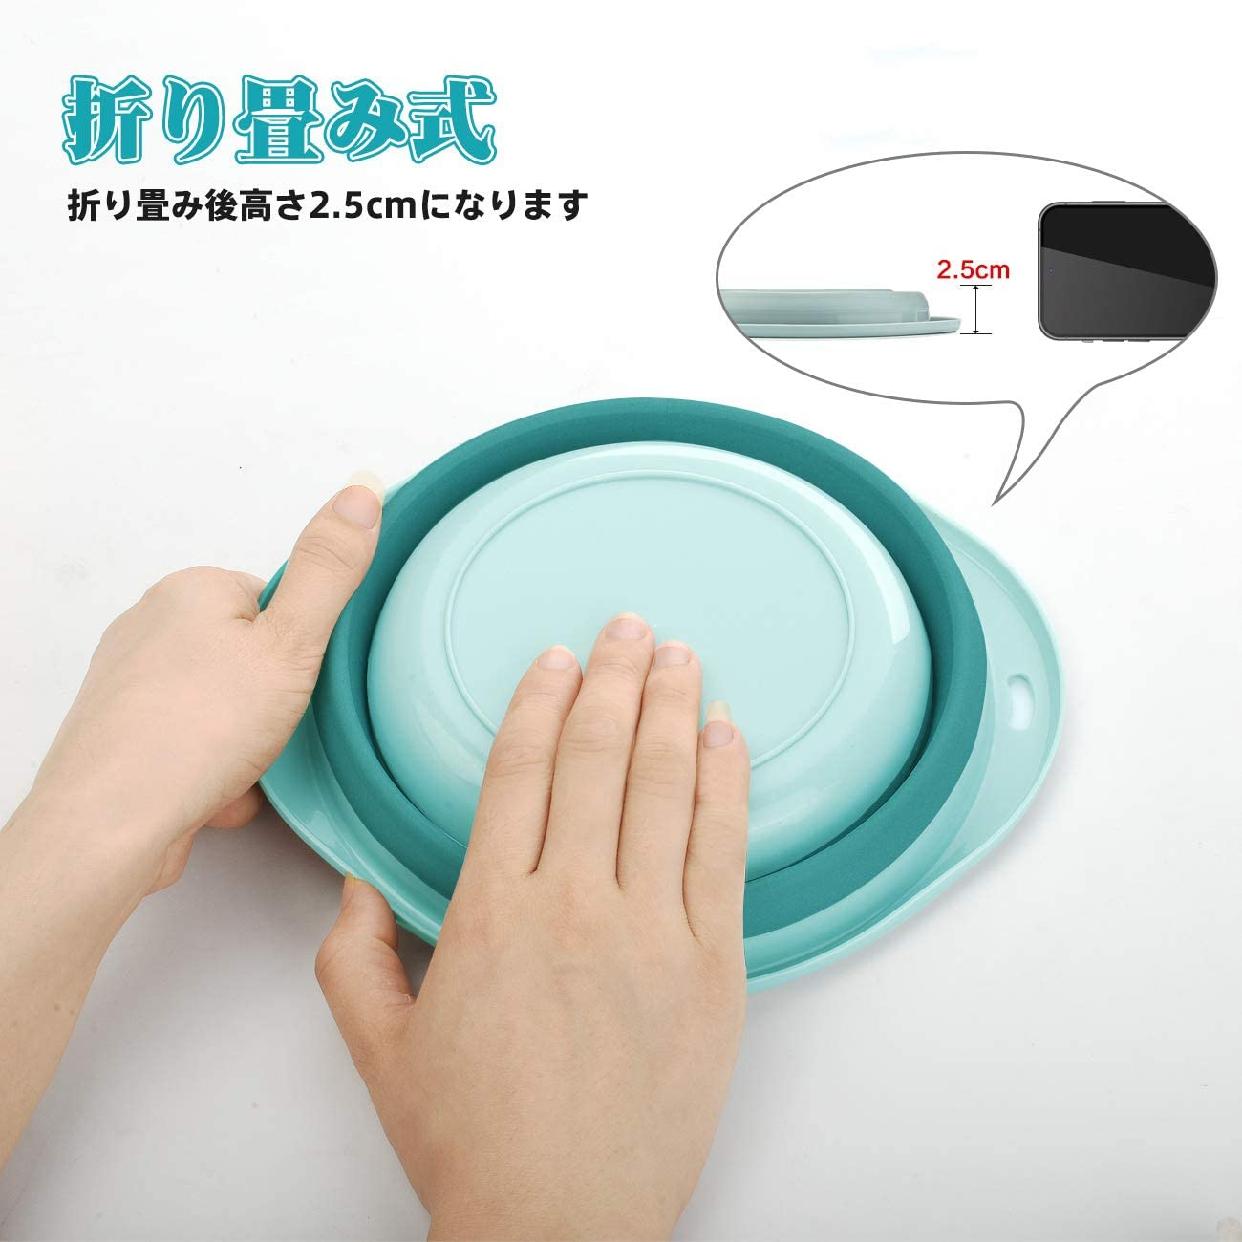 MM&UU(エムエムアンドユーユー) 洗い桶 折り畳み 2点セット ピンクとブルーの商品画像4